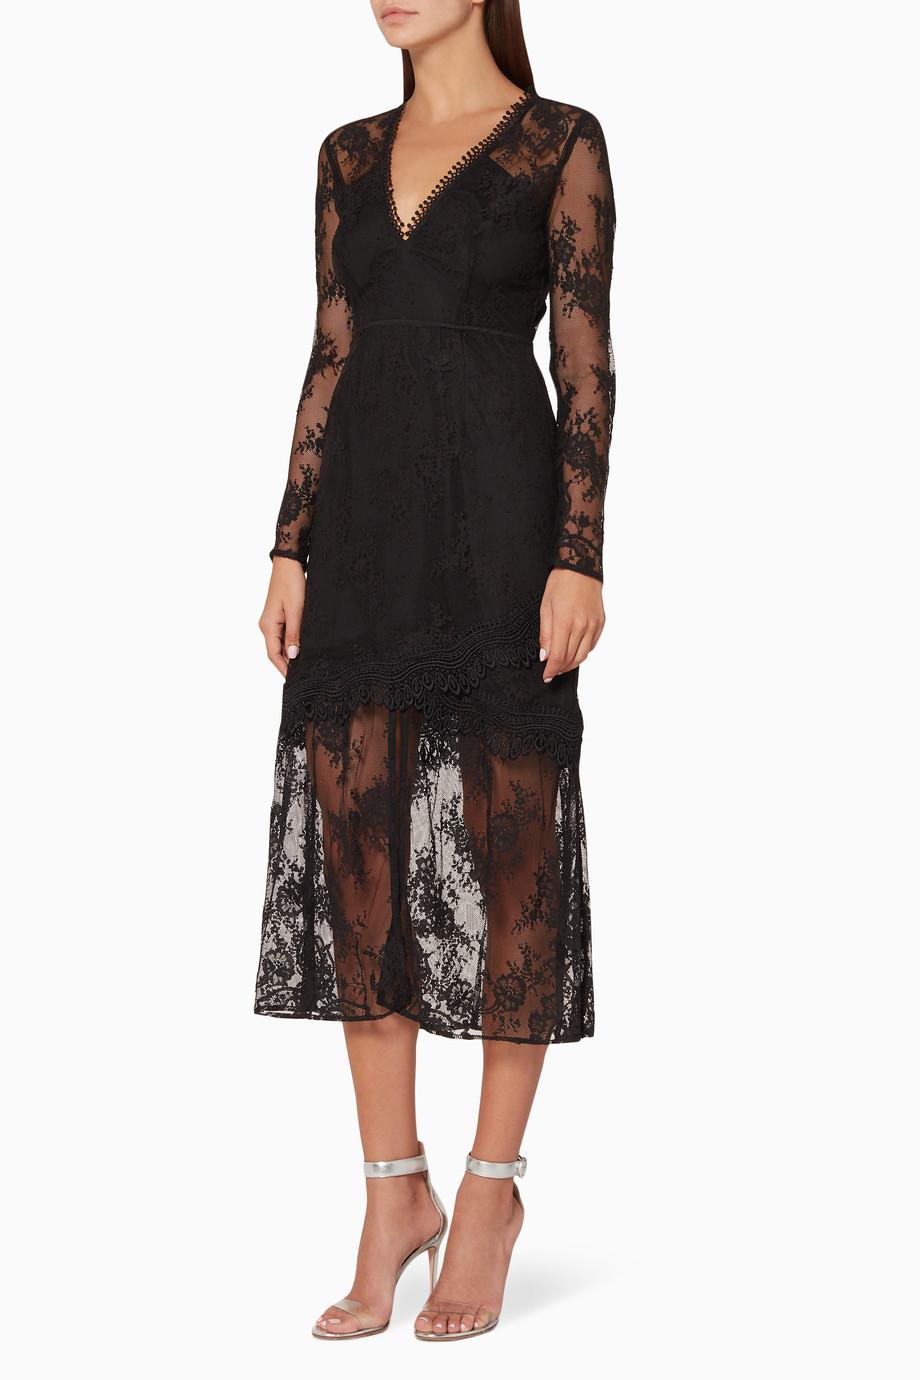 13ee2ff0a1d Shop La Maison Talulah Black Black True Chemistry Bodycon Dress ...